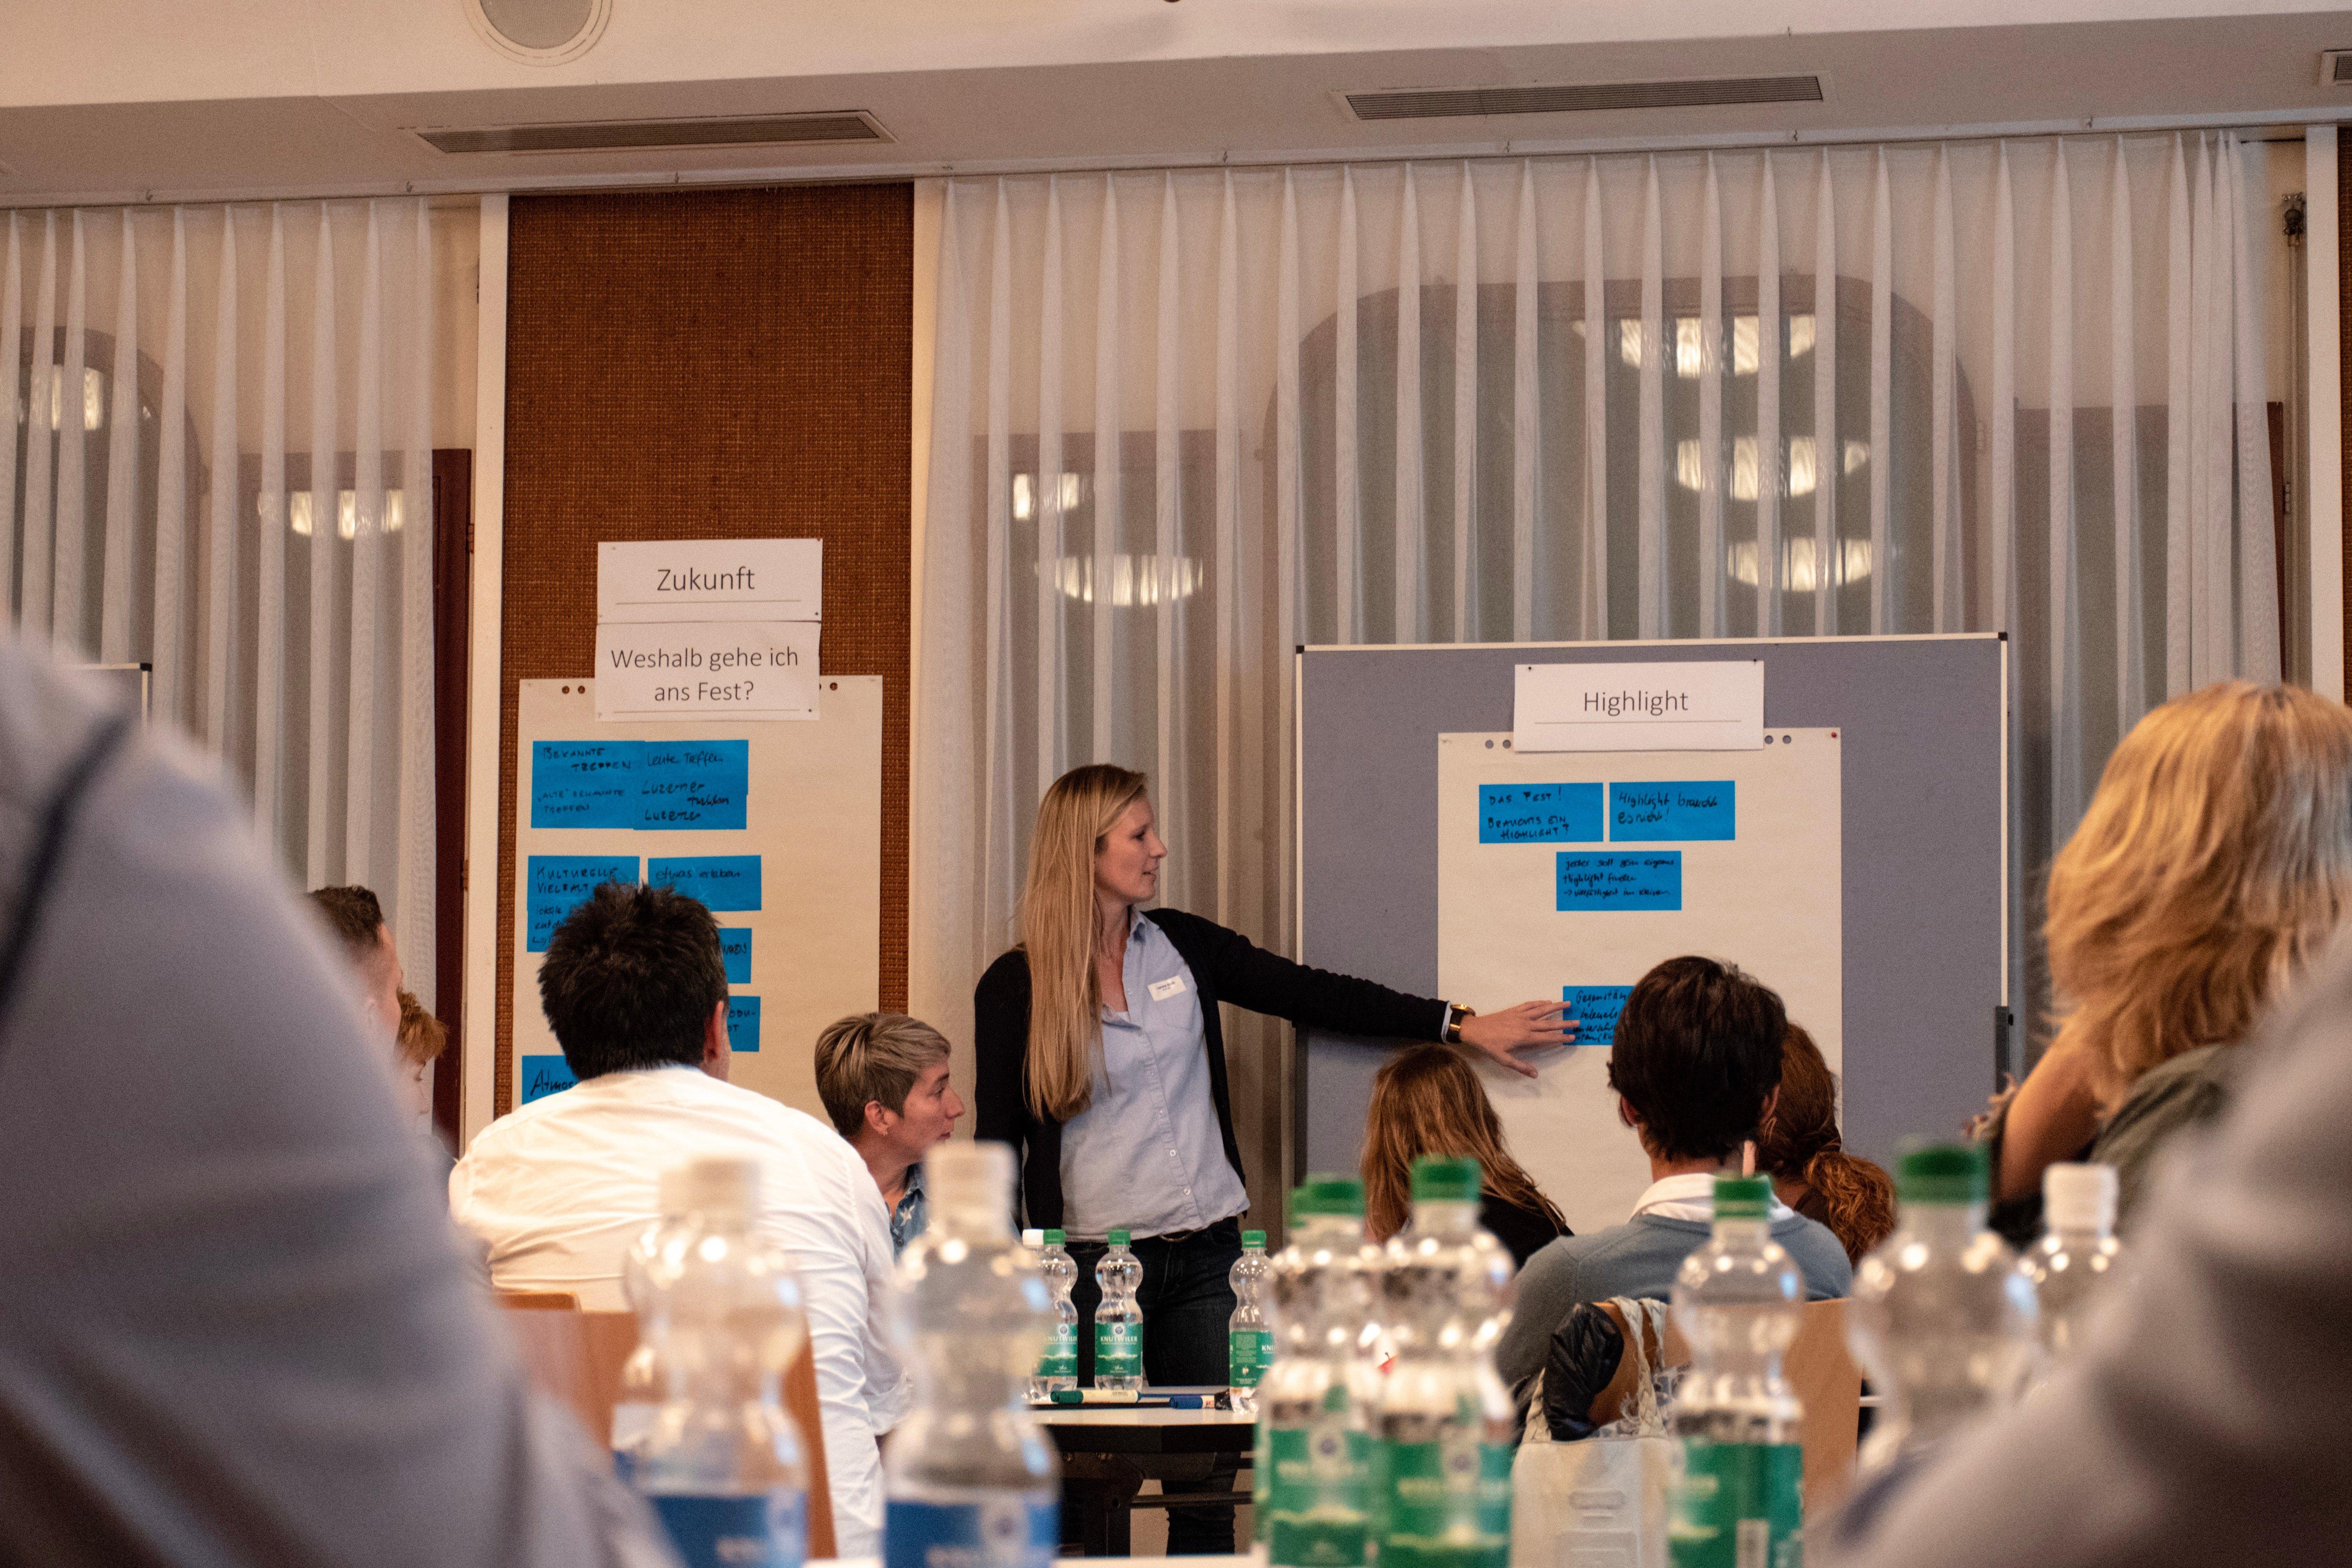 Leevke Stutz und Erich Felber von der Projektleitung führten gemeinsam durch den Workshop.